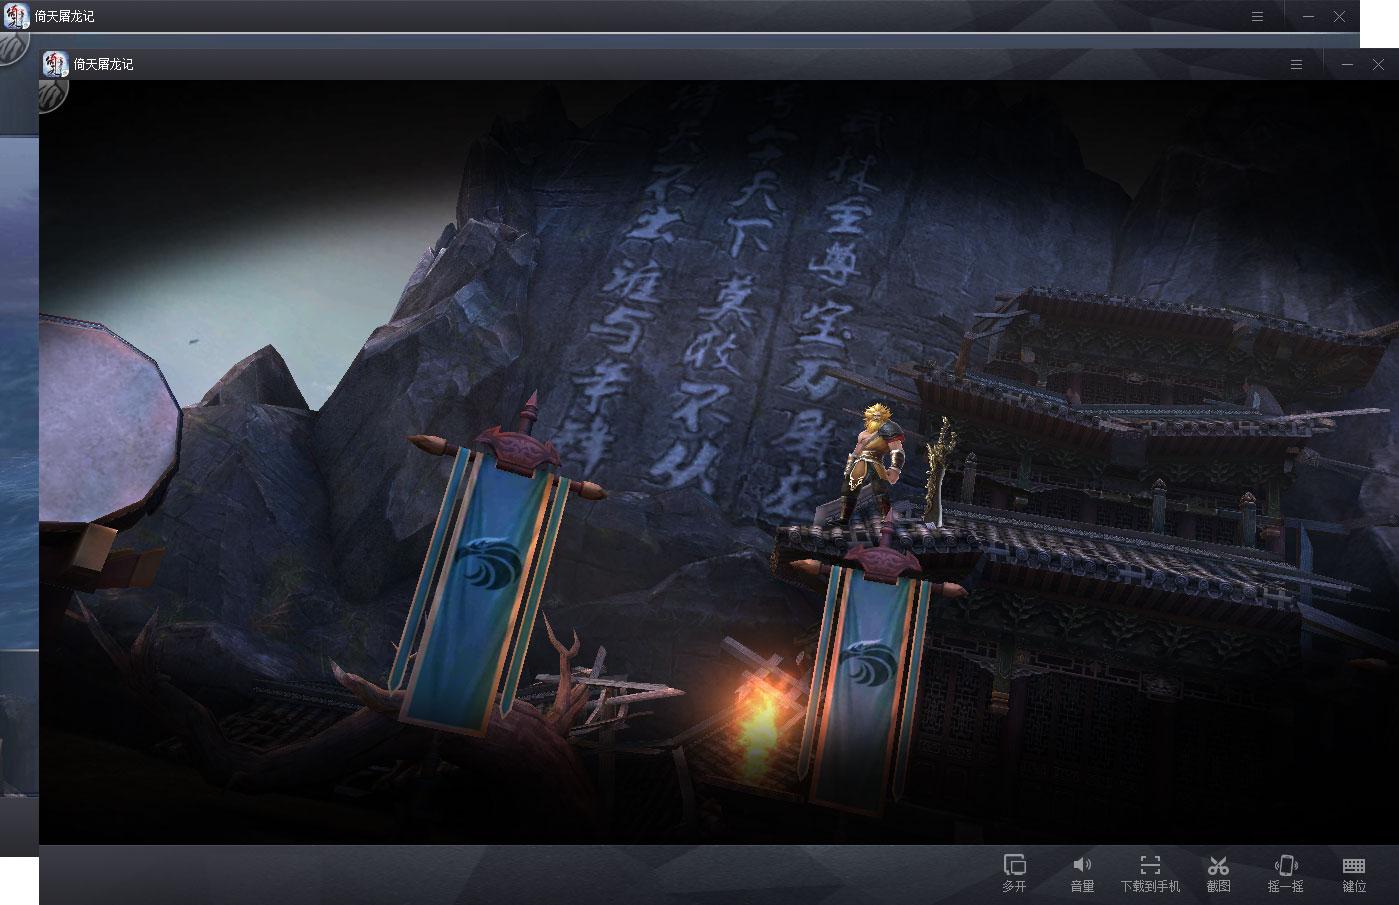 《倚天屠龙记》手游火热登陆完美手游模拟器-多开.jpg